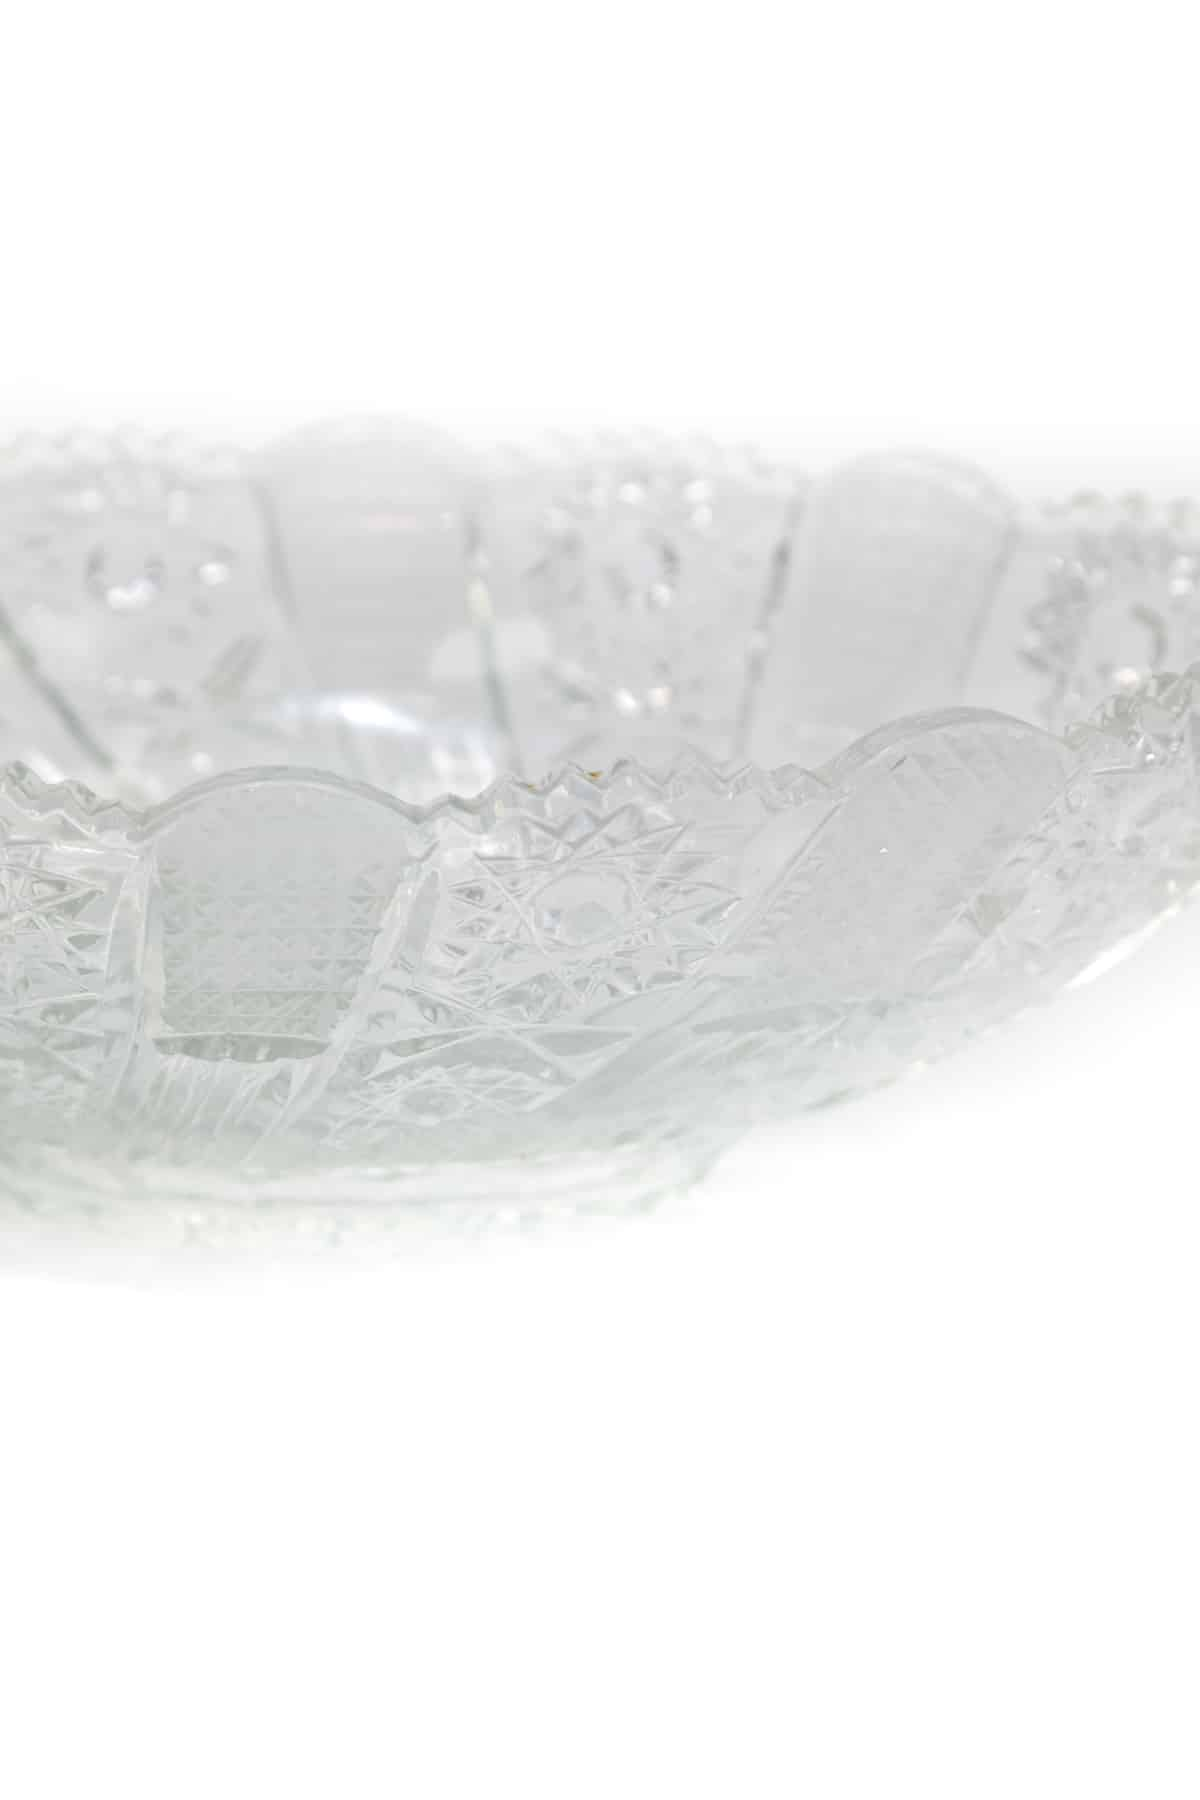 hrustalnaya vaza dlya salata